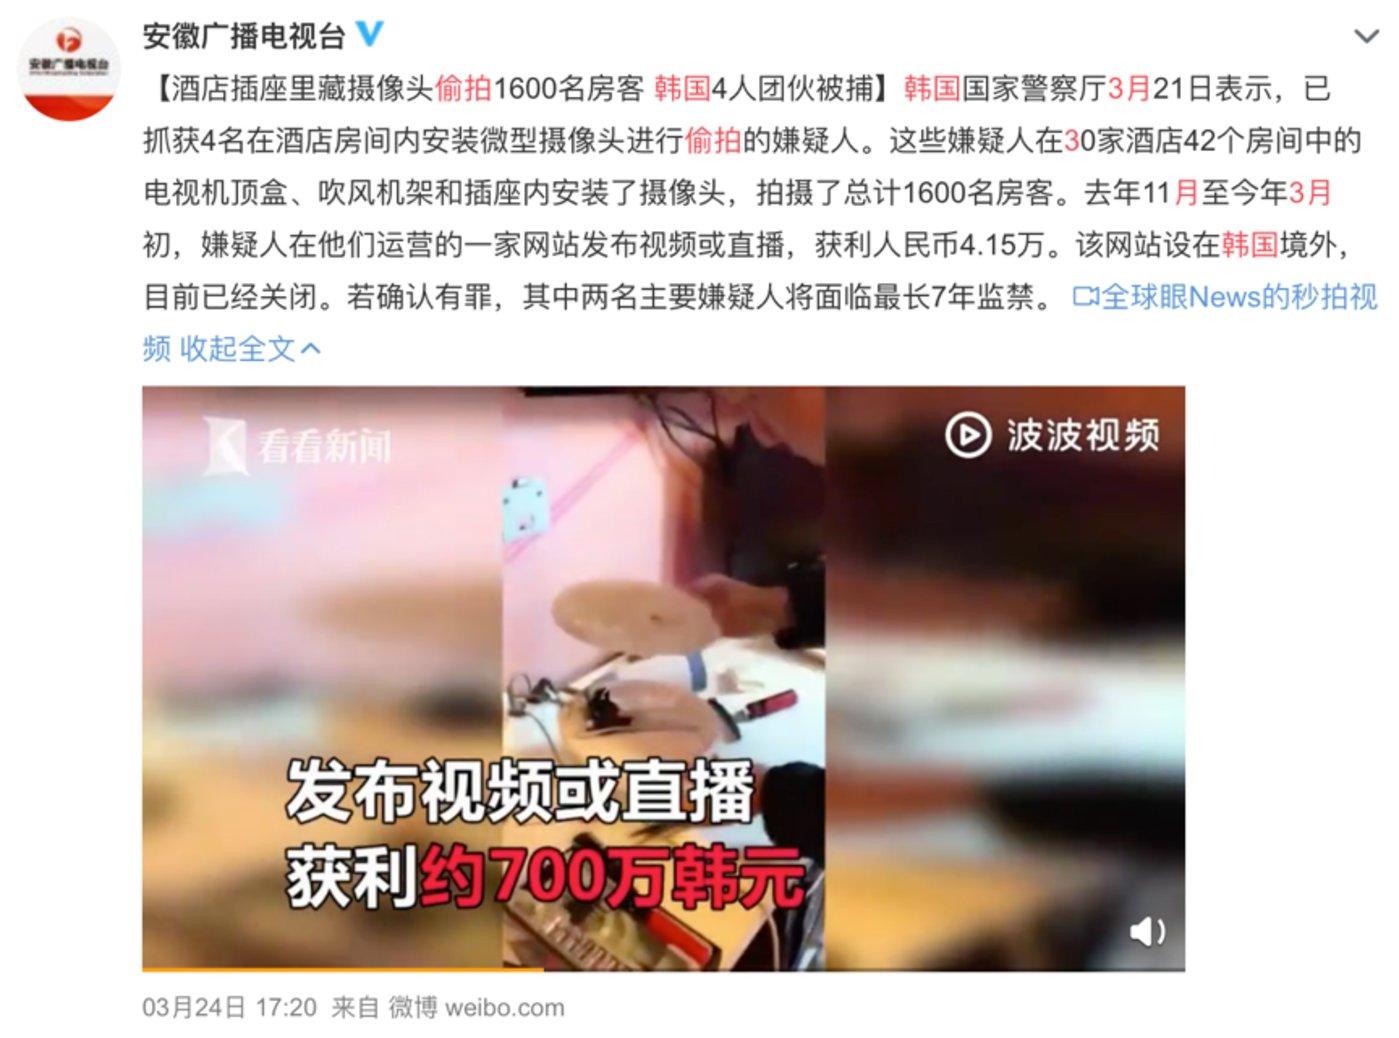 54271com - 云南一在建高速隧道突泥涌水事故已致4人遇难,仍有8人被困